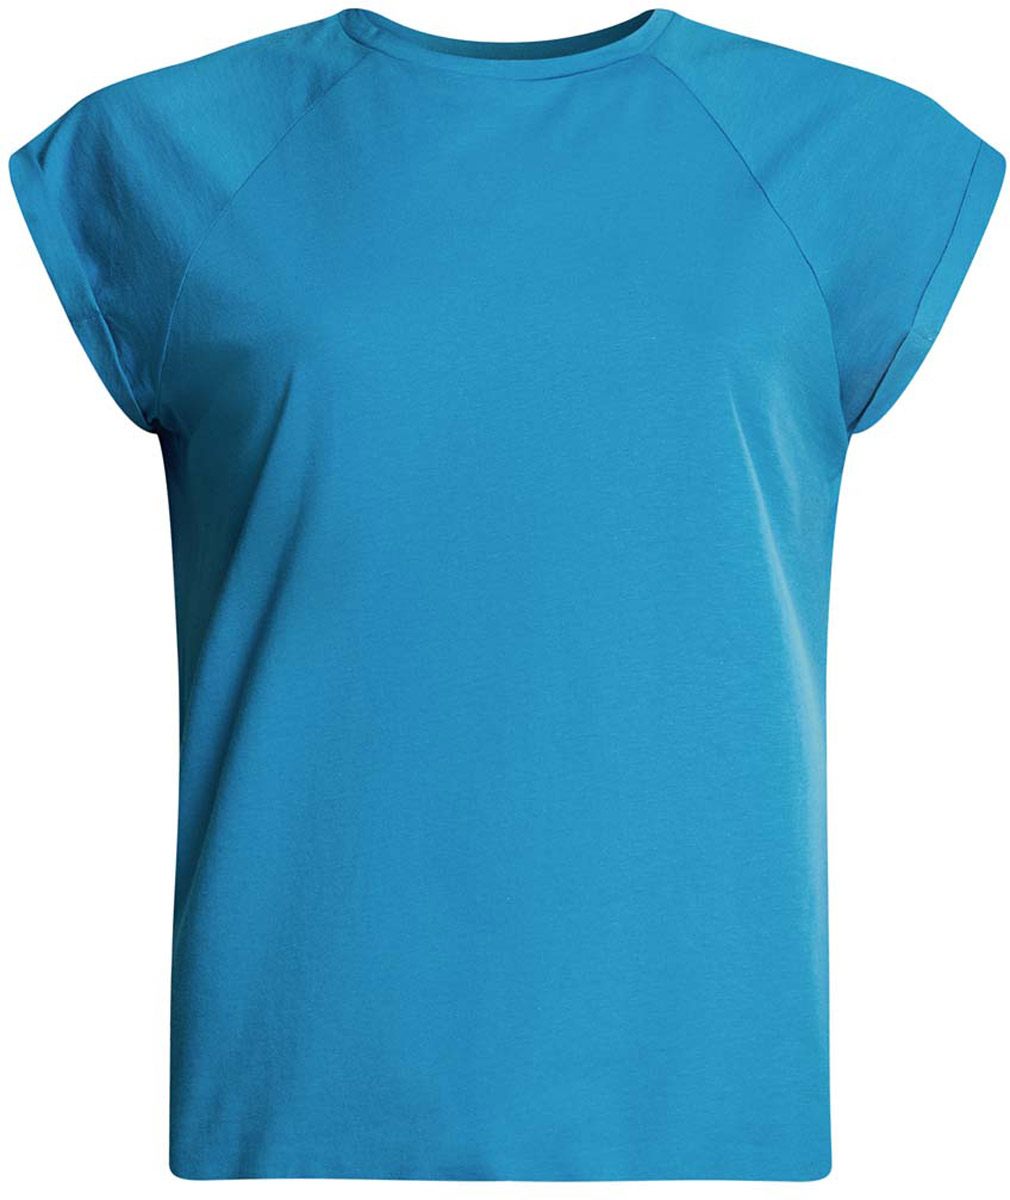 Футболка женская oodji Ultra, цвет: ярко-голубой. 14707001-4B/46154/7500N. Размер XXS (40)14707001-4B/46154/7500NЖенская футболка выполнена из хлопка. Модель с круглым вырезом горловины и короткими рукавами реглан, дополненными отворотом.